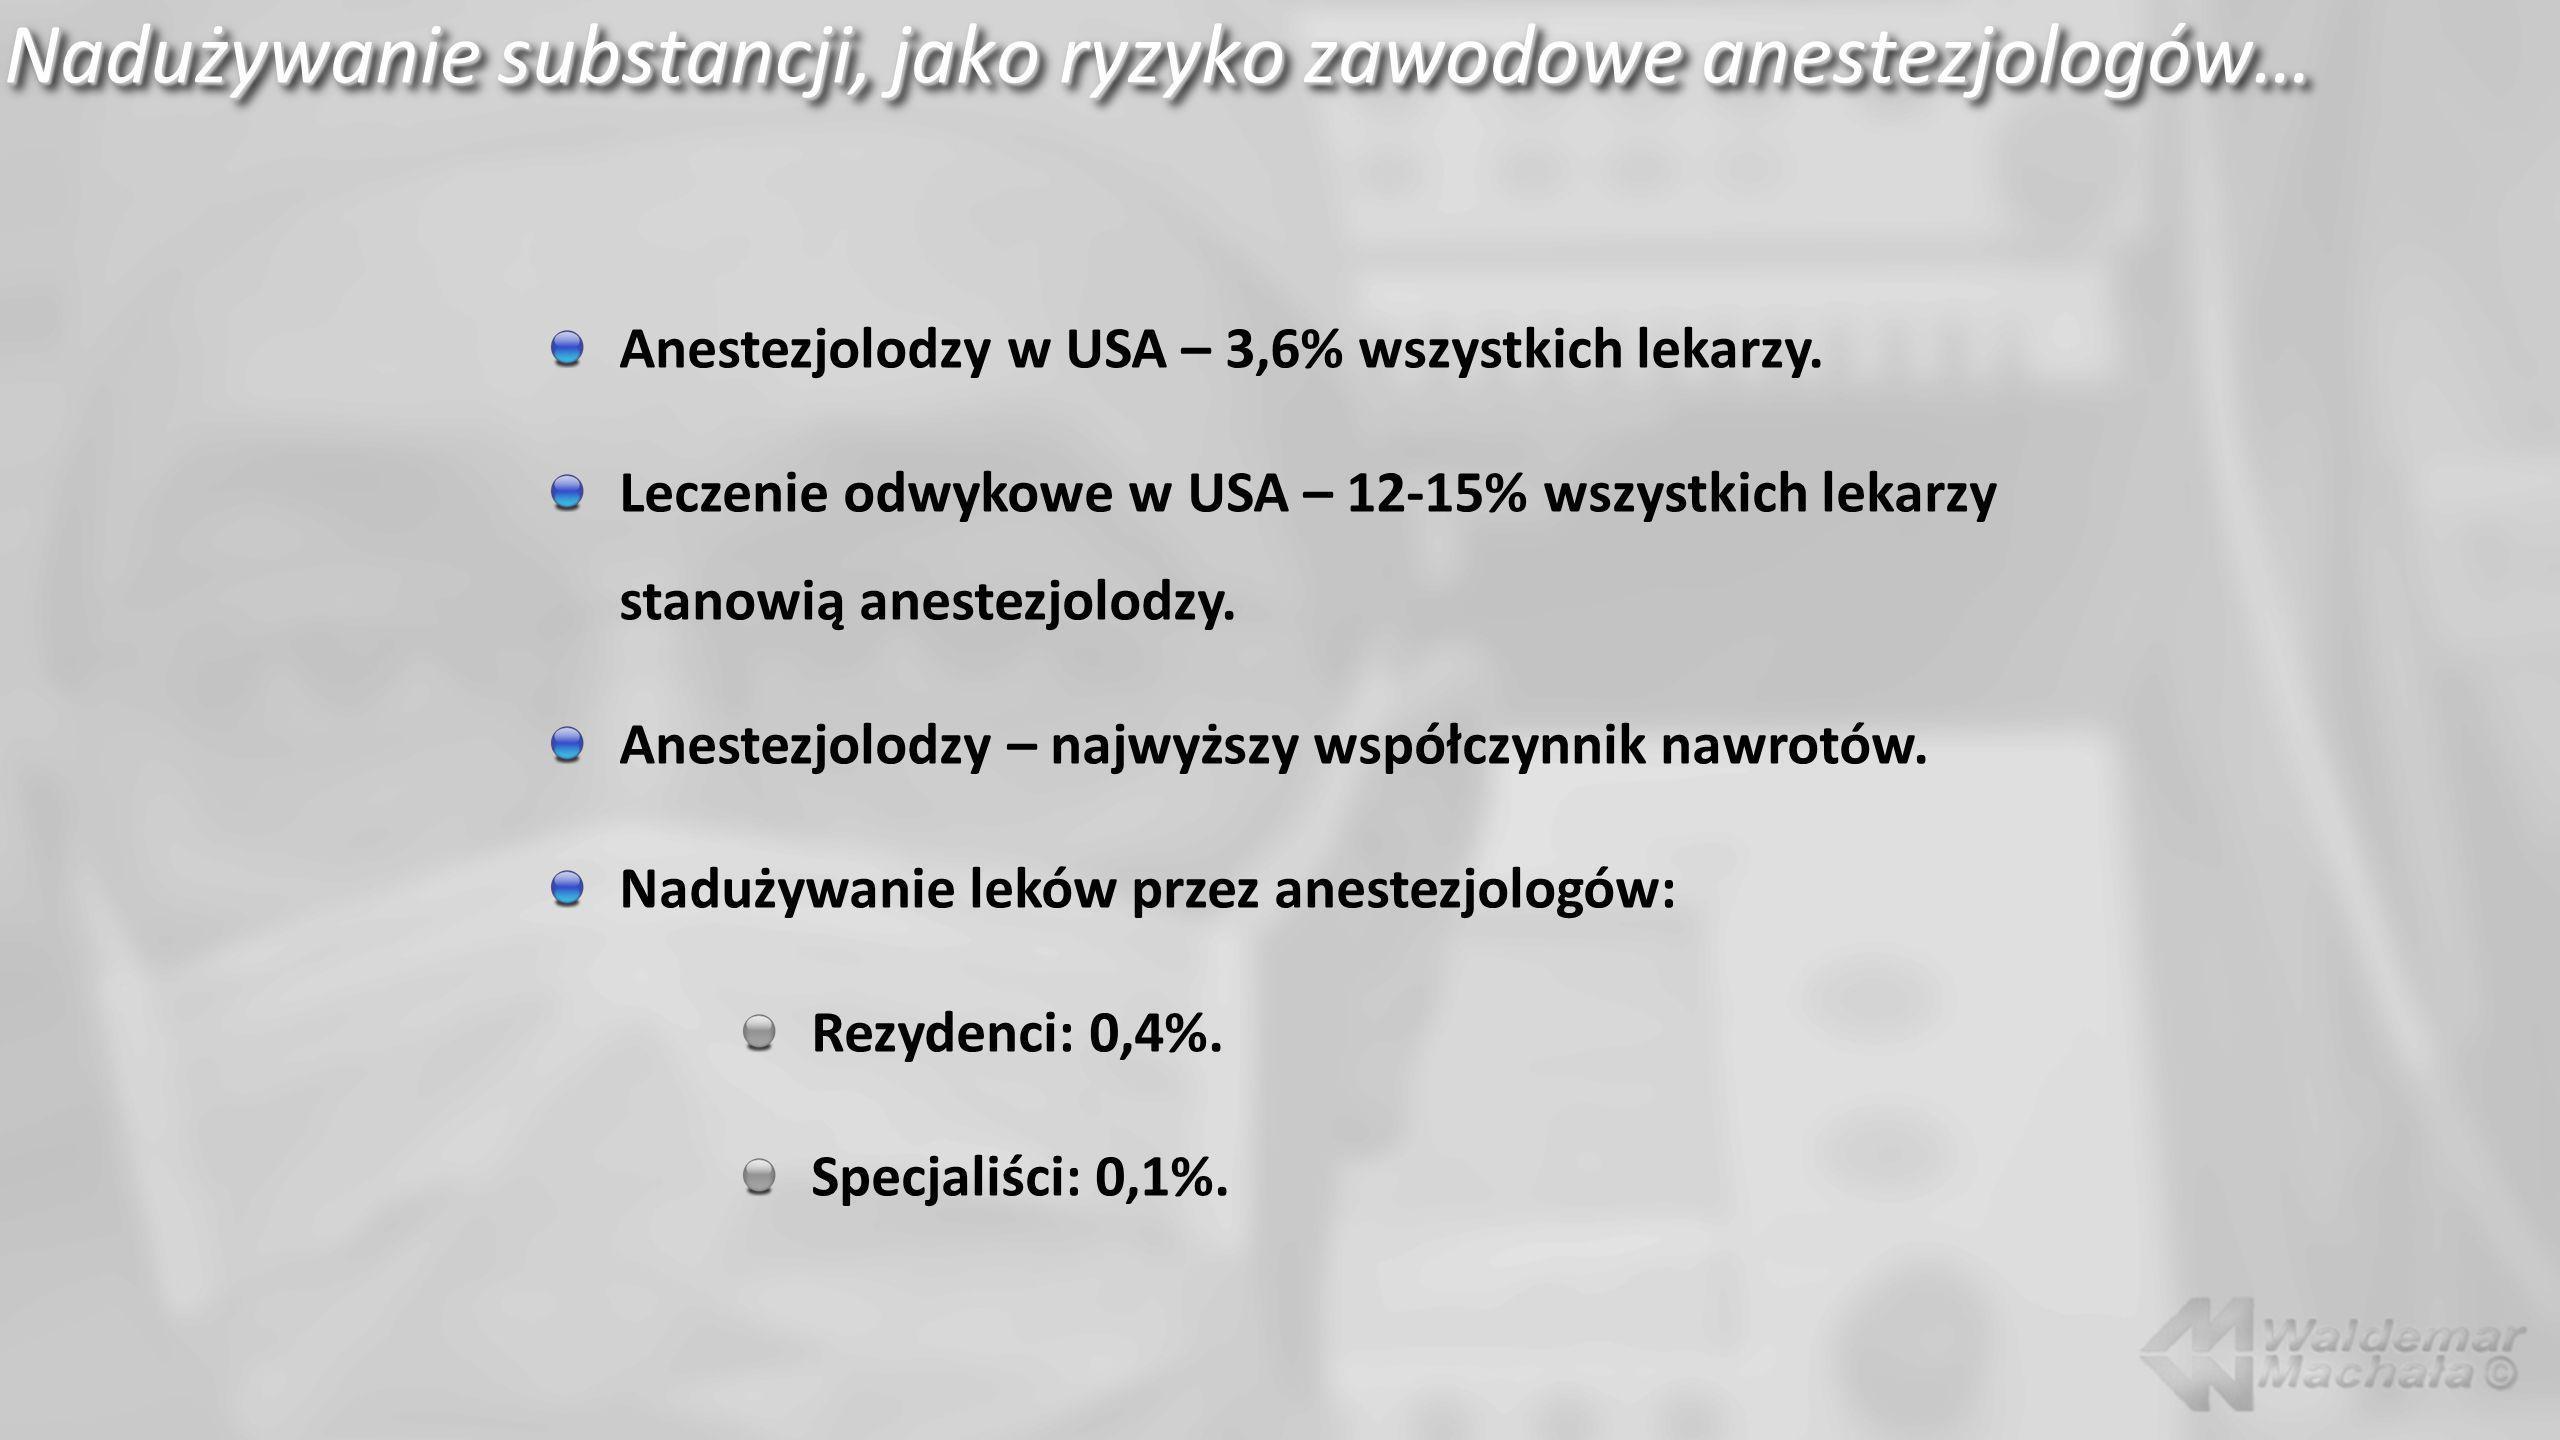 Nadużywanie substancji, jako ryzyko zawodowe anestezjologów…